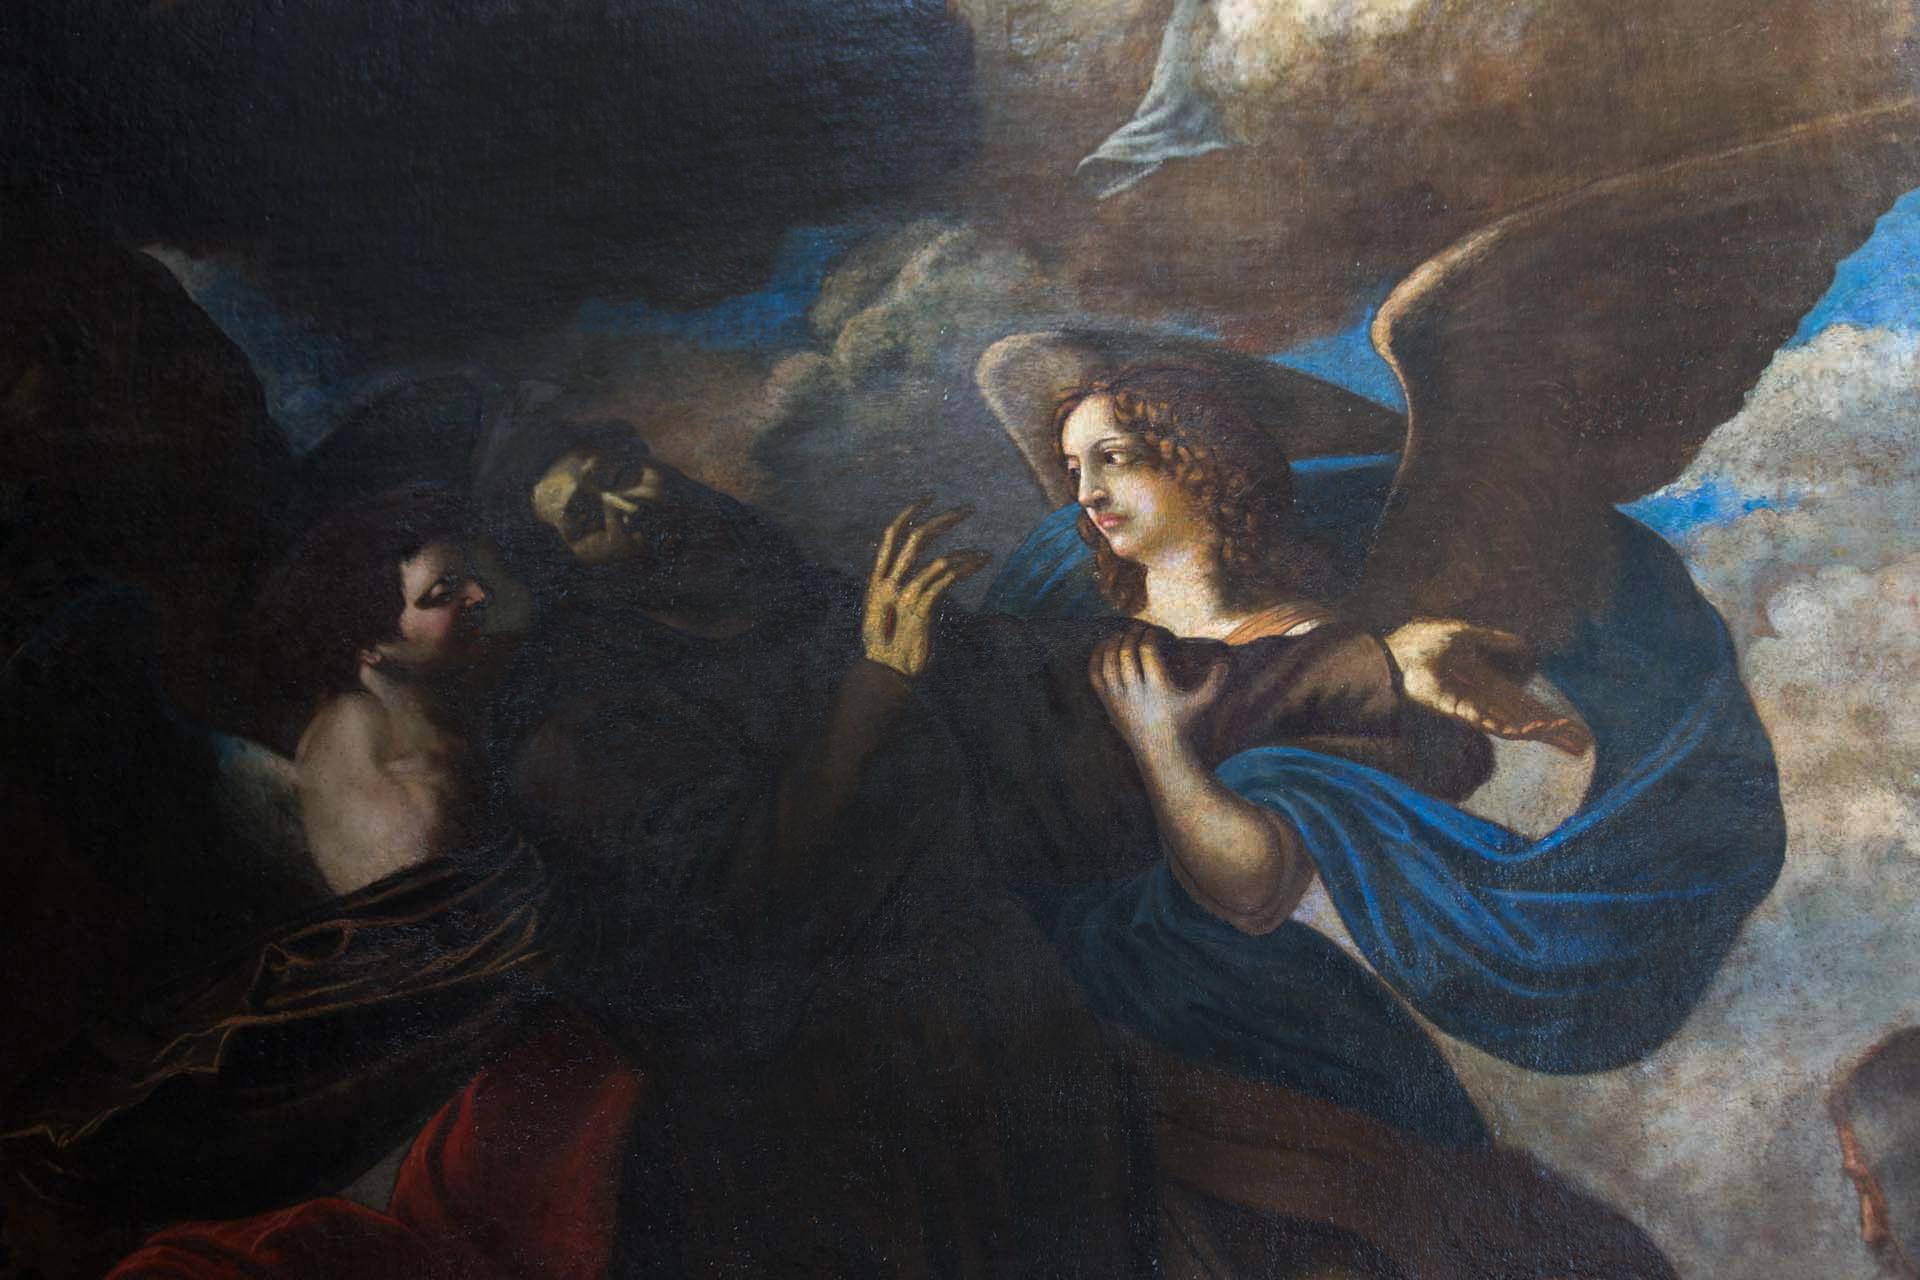 San Giorgio dei Genovesi – Estasi di San Francesco, Gerardo Astorino (1624 - 1663)